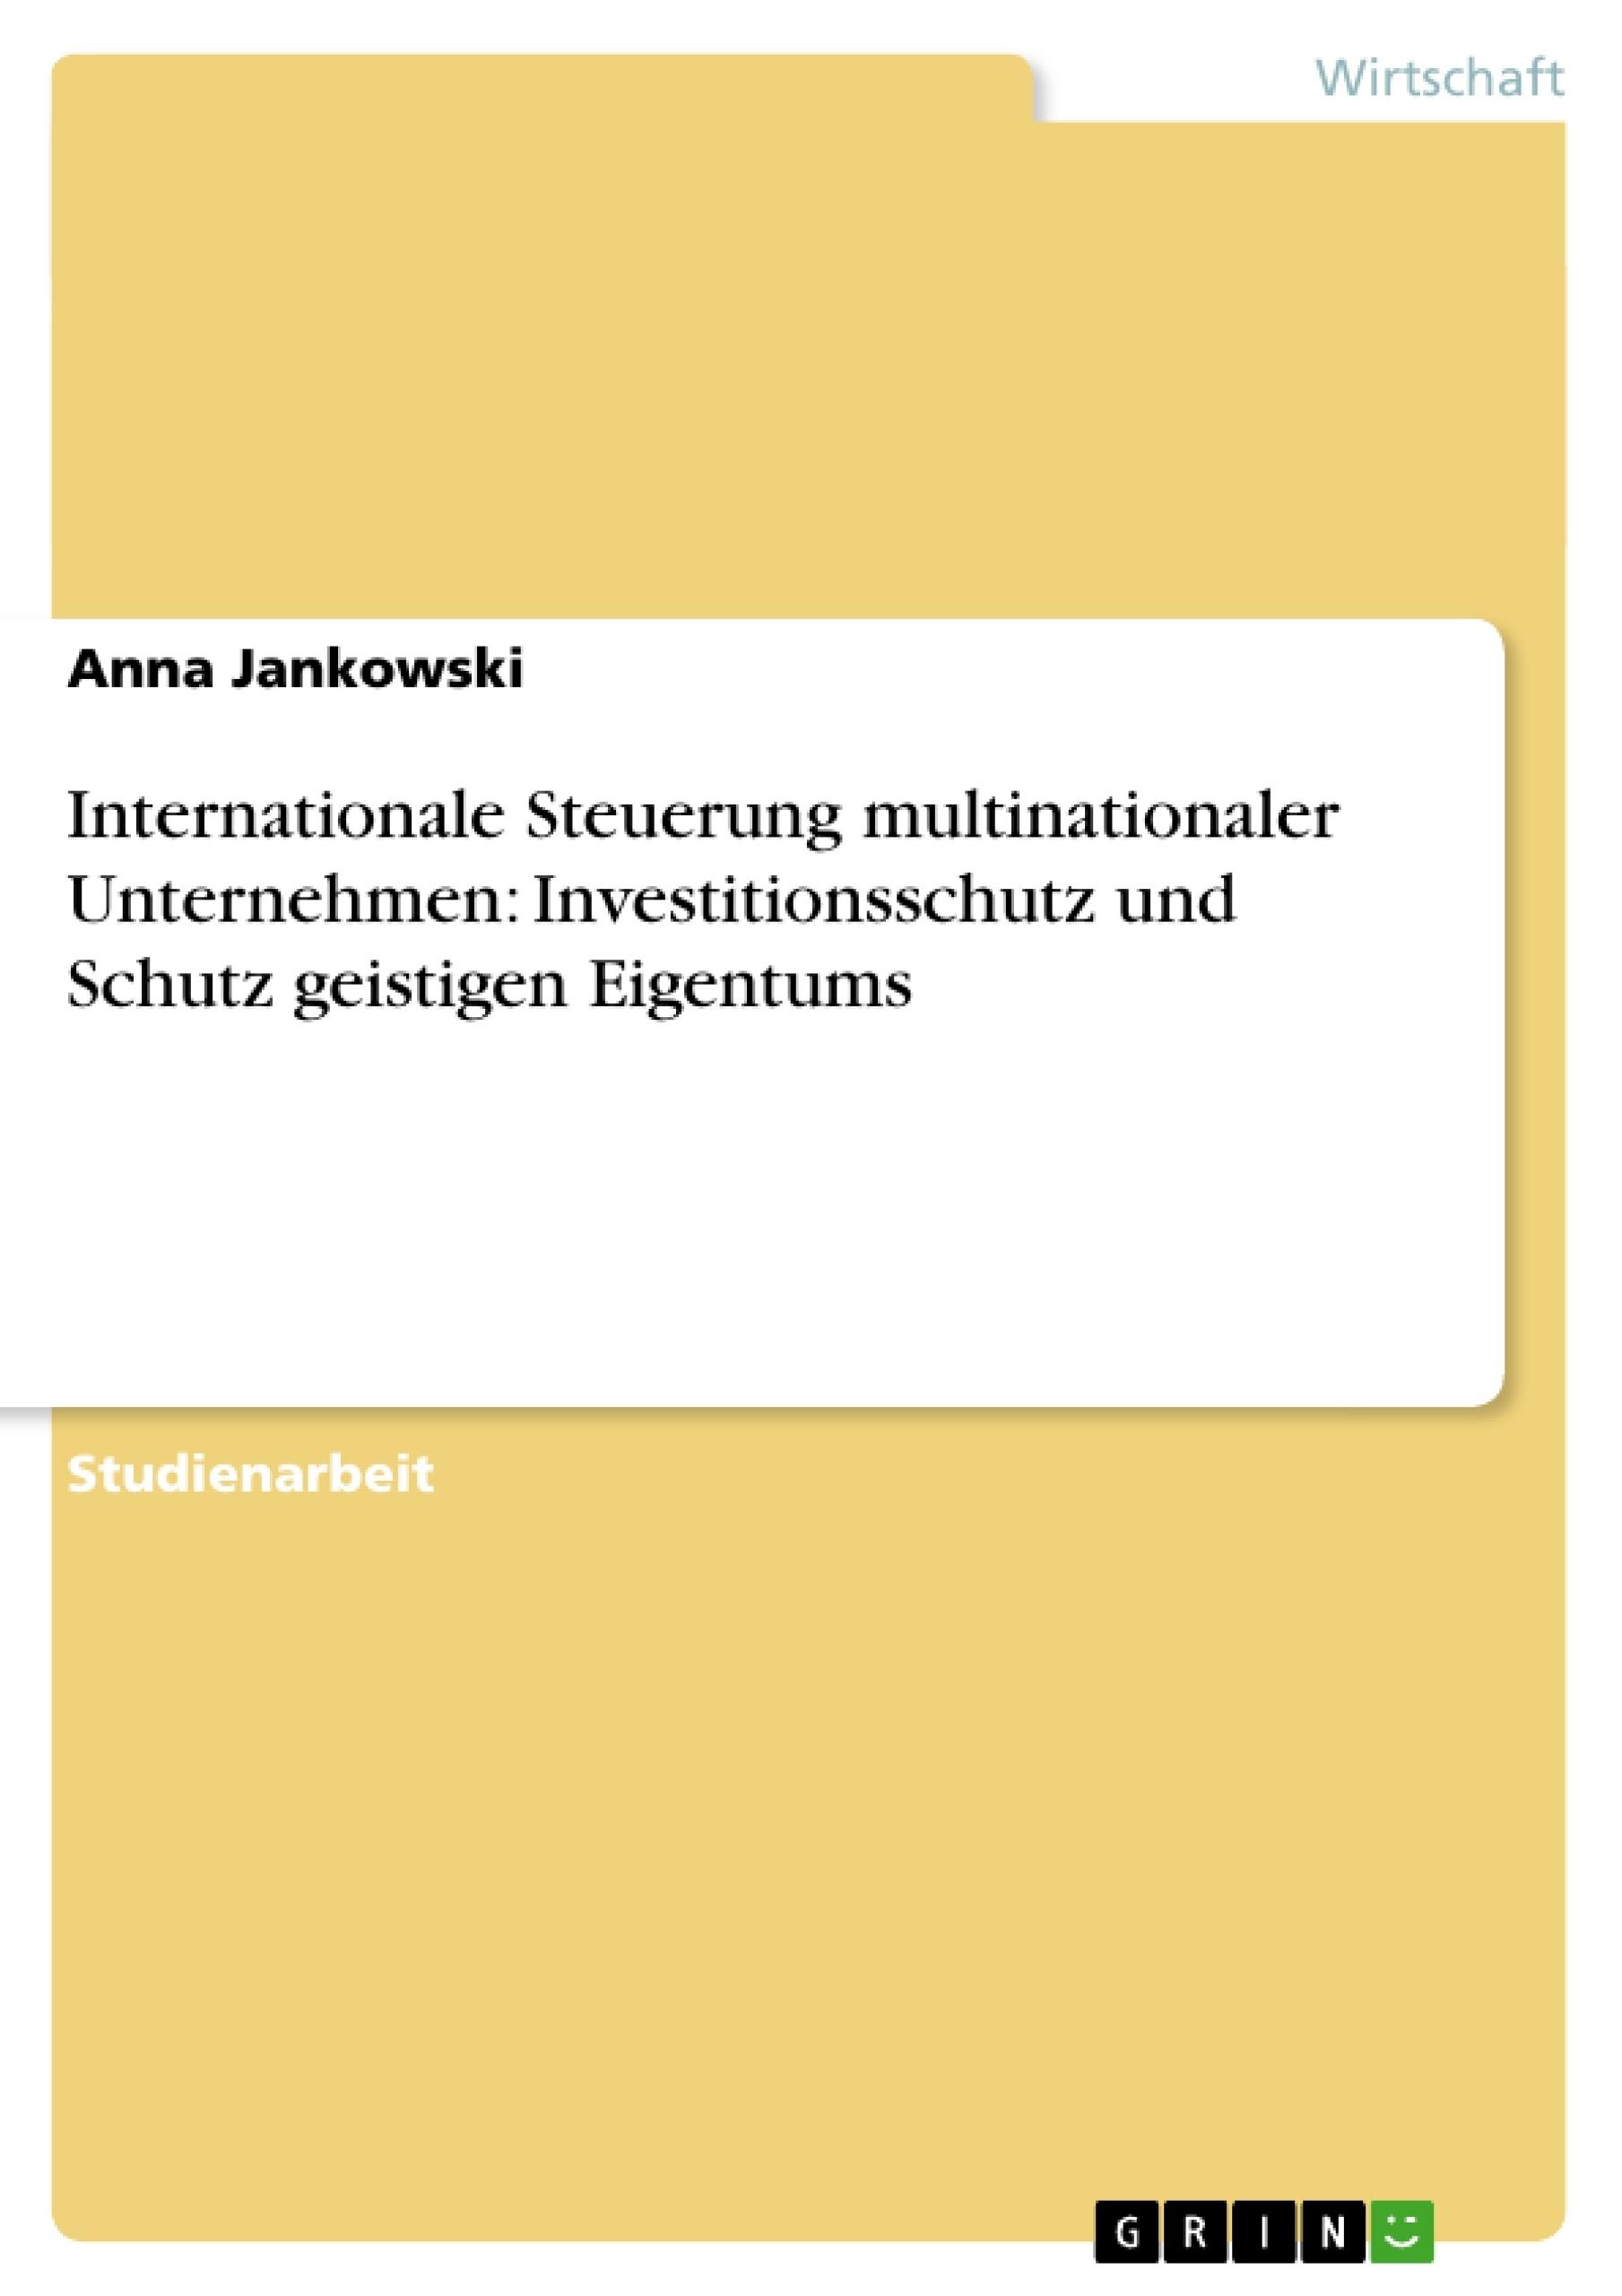 Titel: Internationale Steuerung multinationaler Unternehmen: Investitionsschutz und Schutz geistigen Eigentums